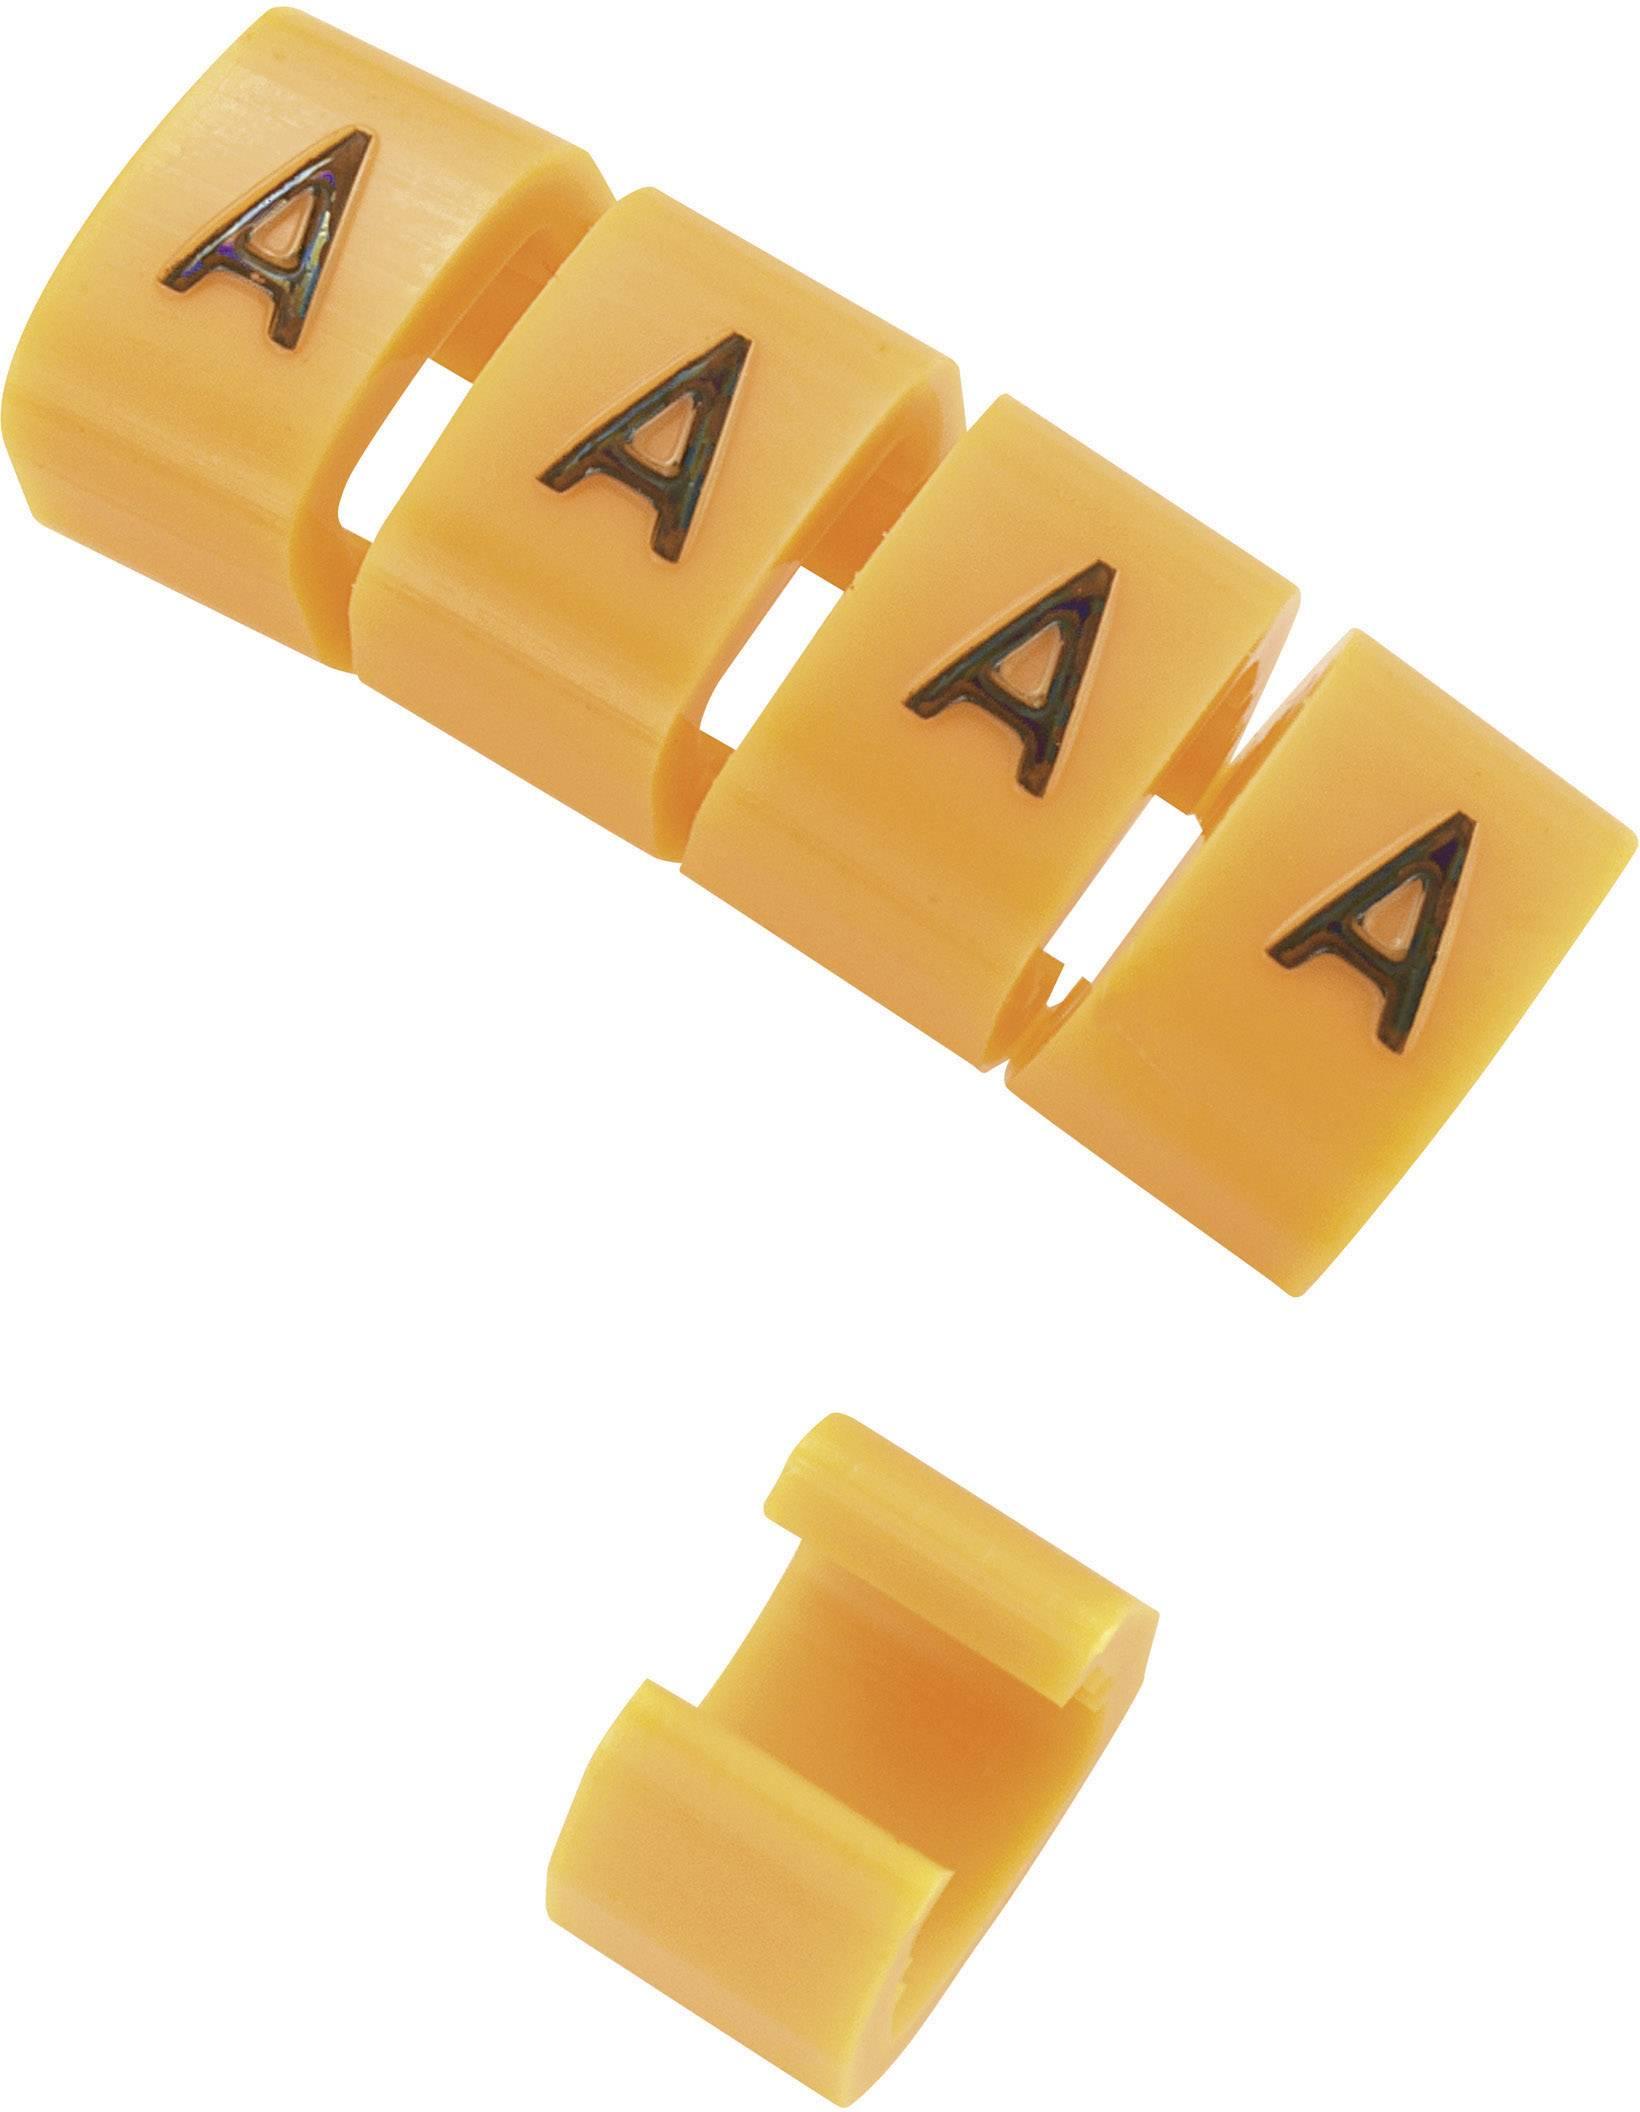 Označovacie objímka na káble KSS MB1/R, oranžová, 10 ks